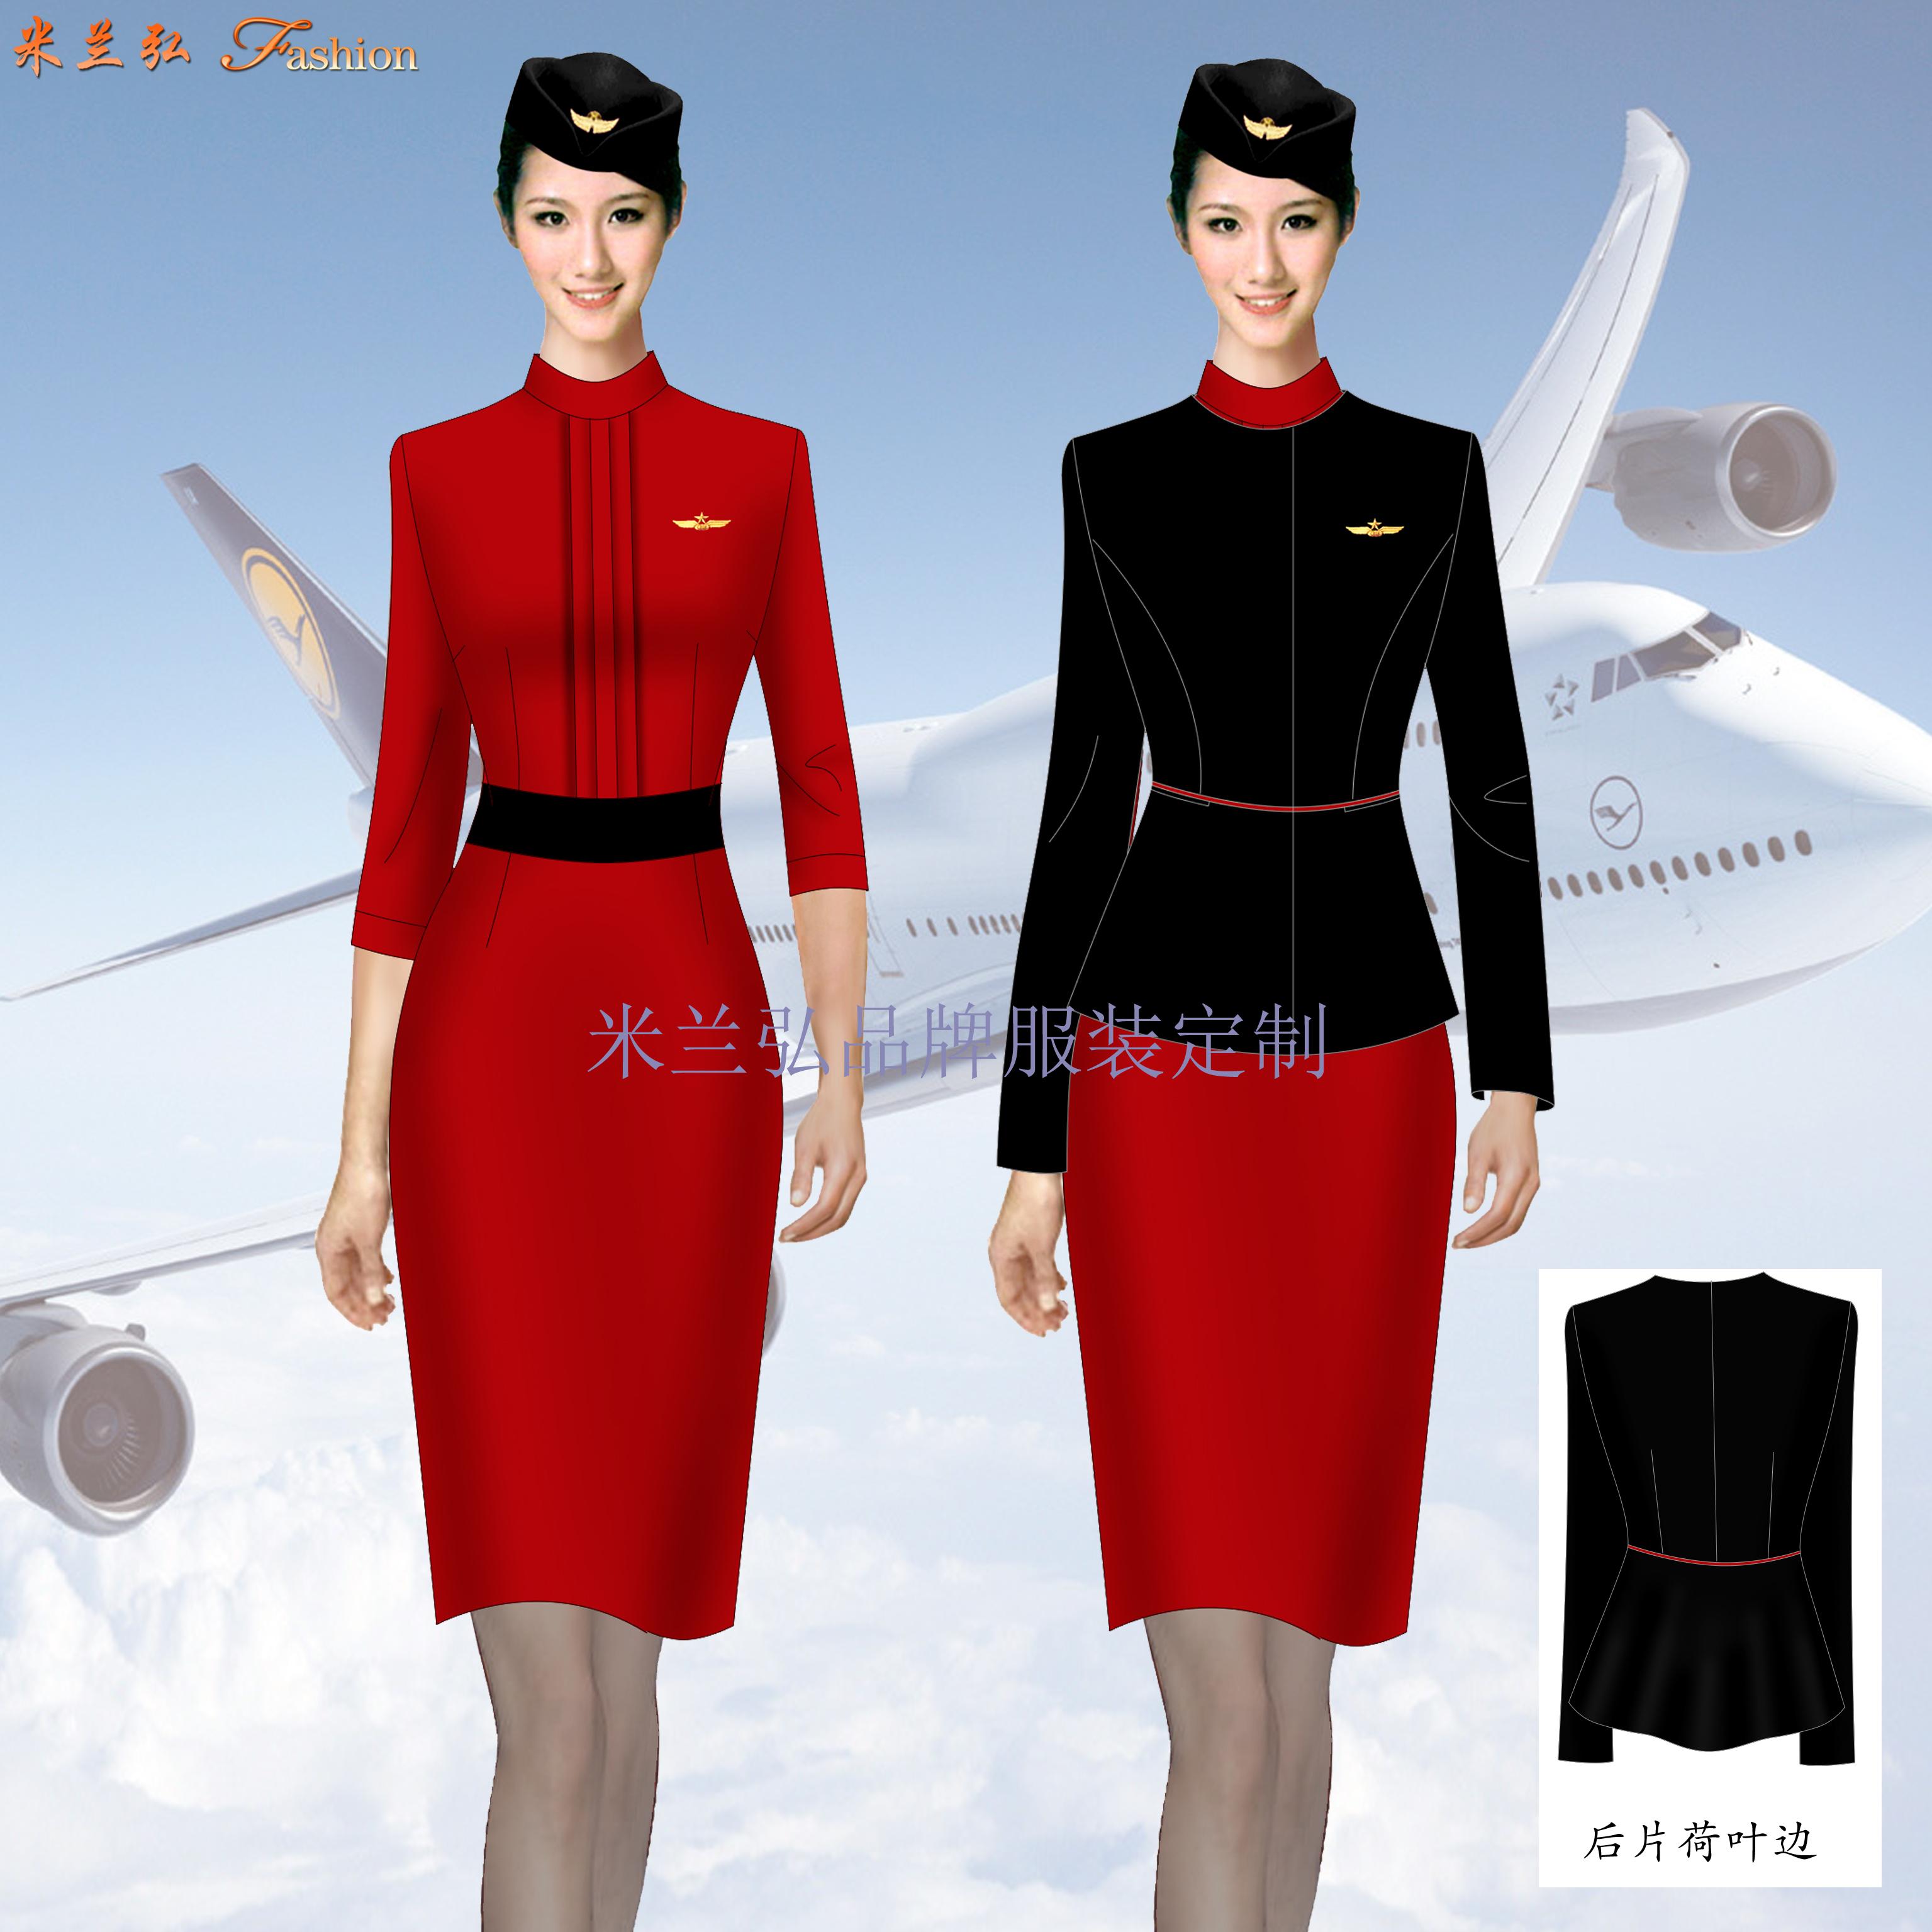 成都空姐服定制-空姐服设计制作公司-米兰弘服装-1